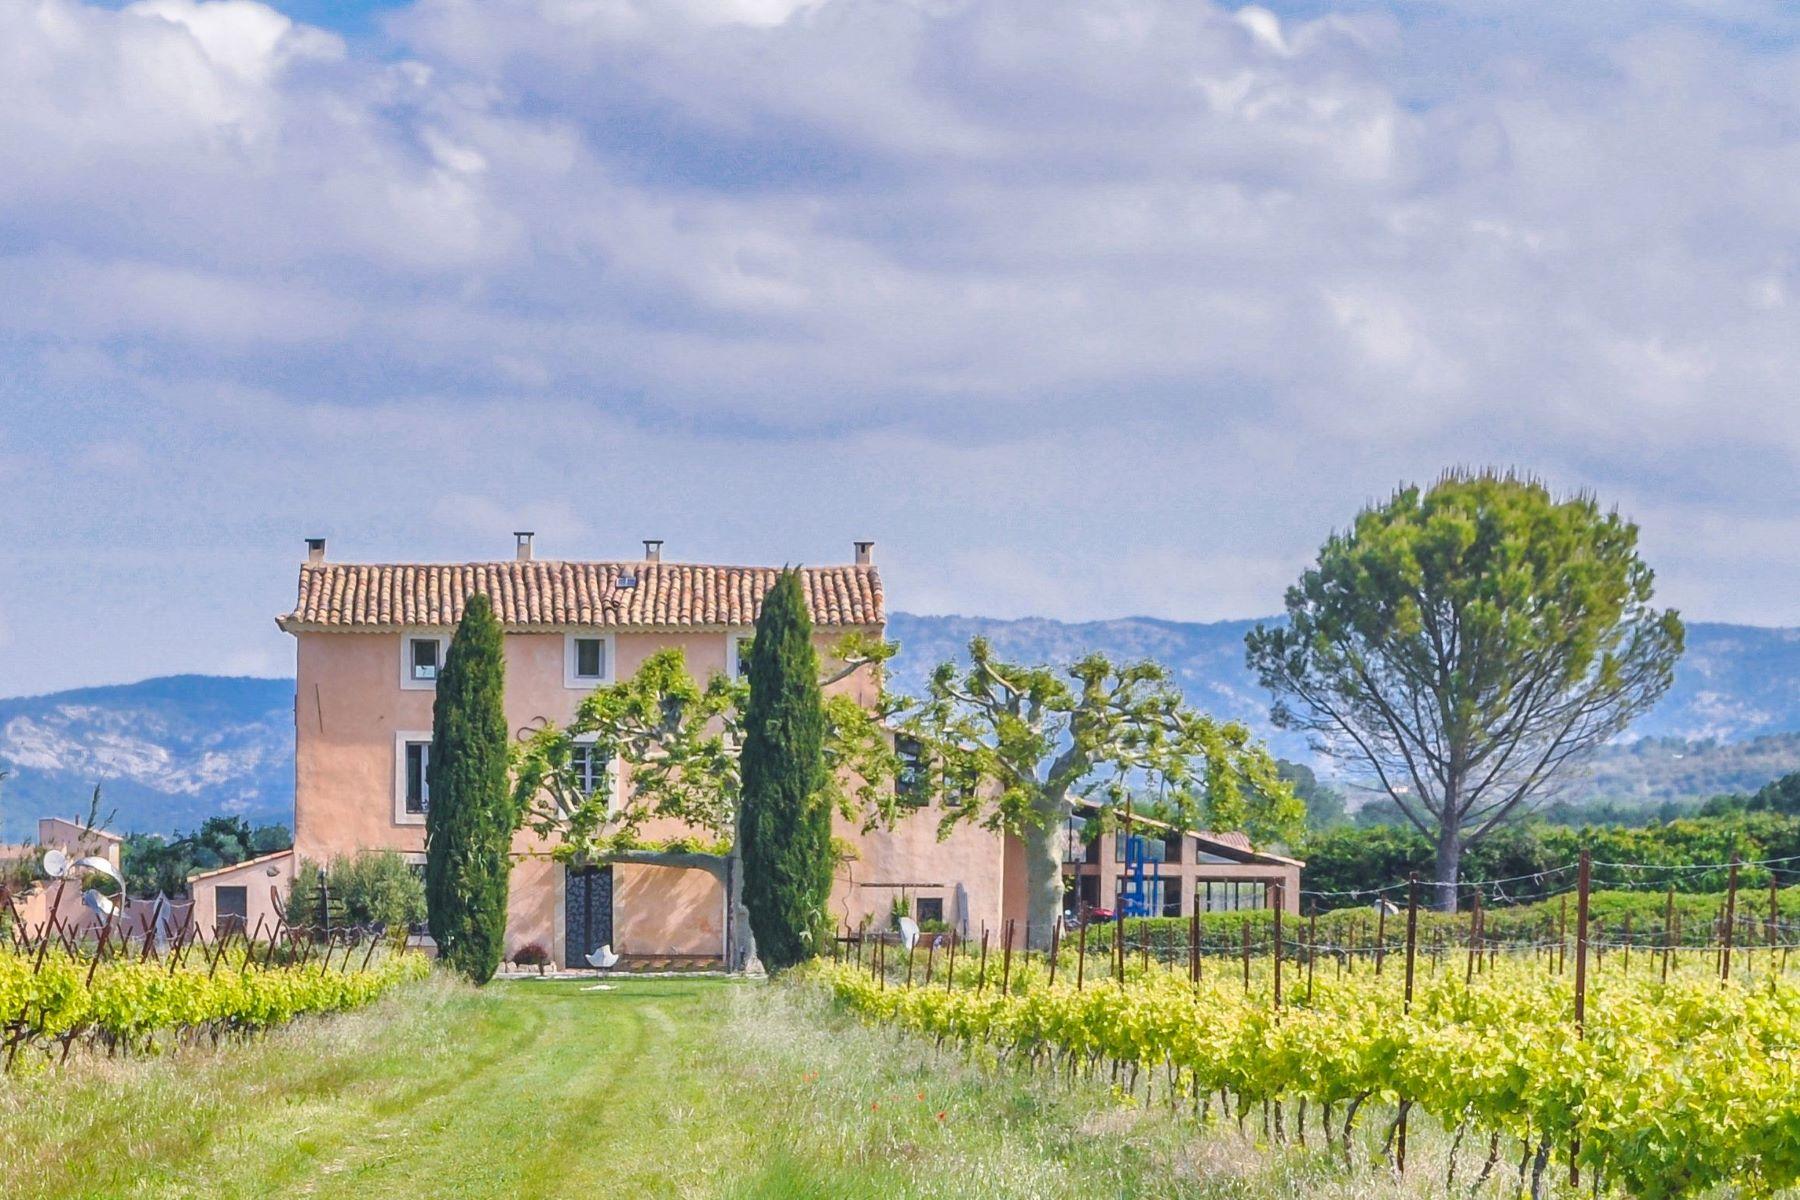 Single Family Homes por un Venta en Artist's Mas in the middle of vineyards Mormoiron, Provincia - Alpes - Costa Azul 84570 Francia